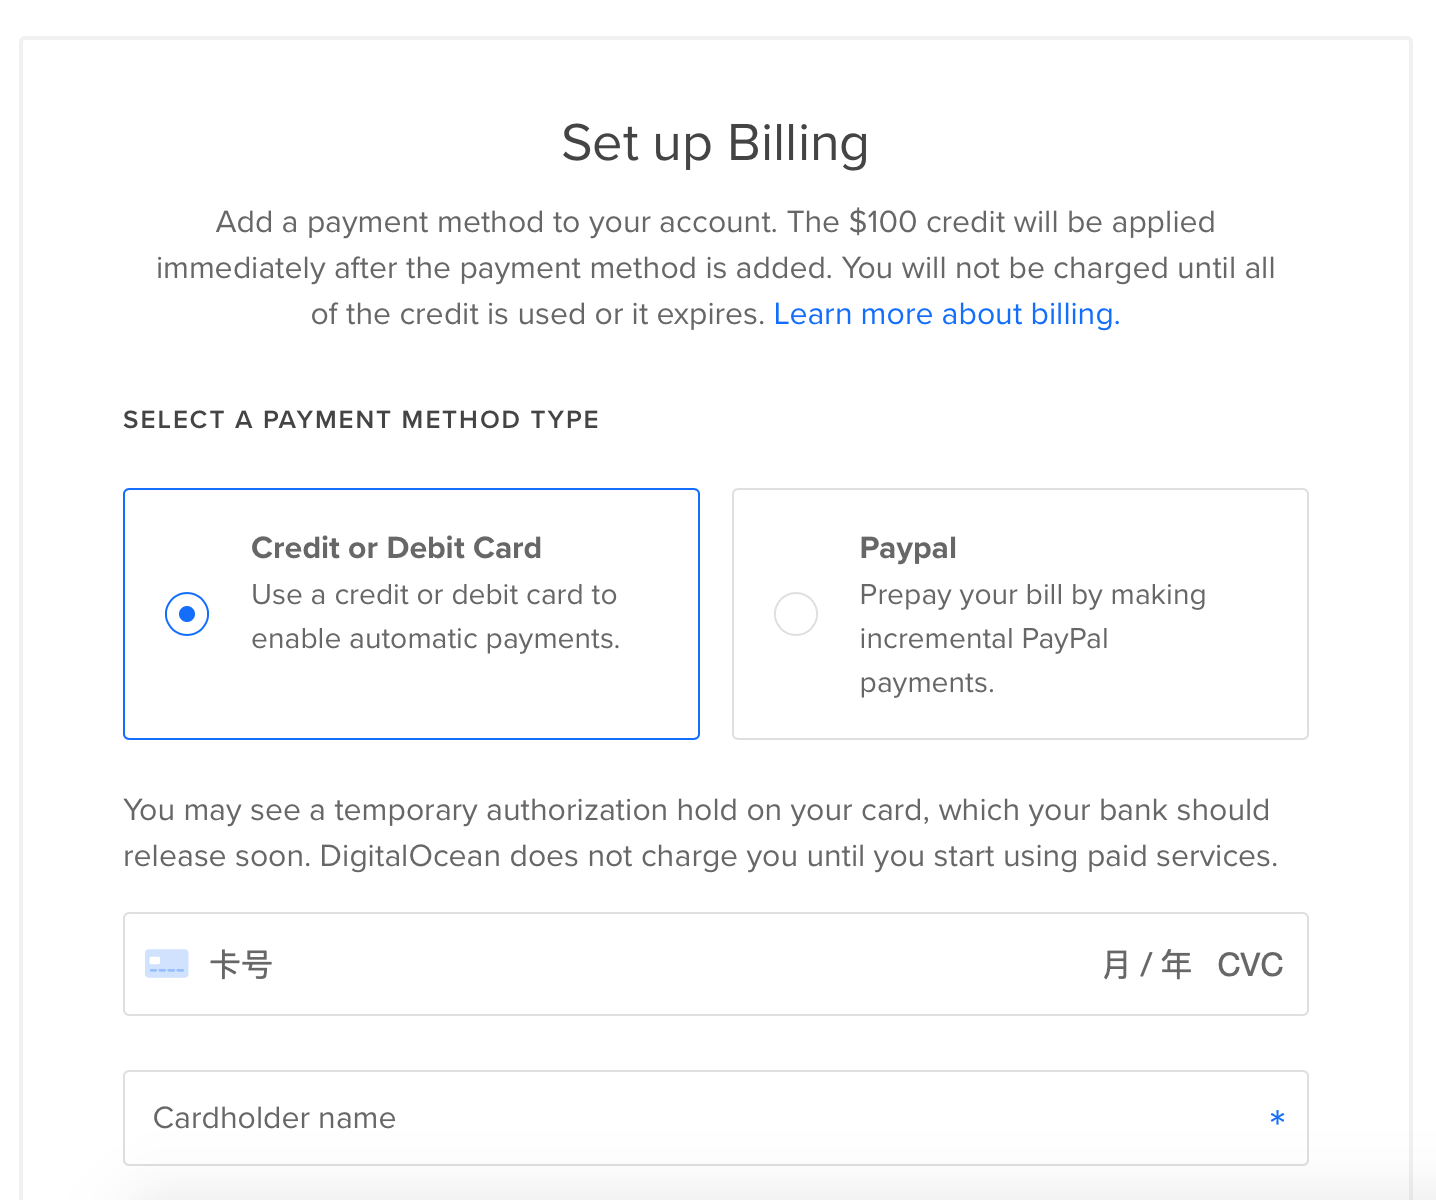 Step 5 下一步就要輸入信用卡資料,這部分其實也可使用 Paypal 付款,想更安心一點可選擇以 Paypal 方式繳付每月費用。